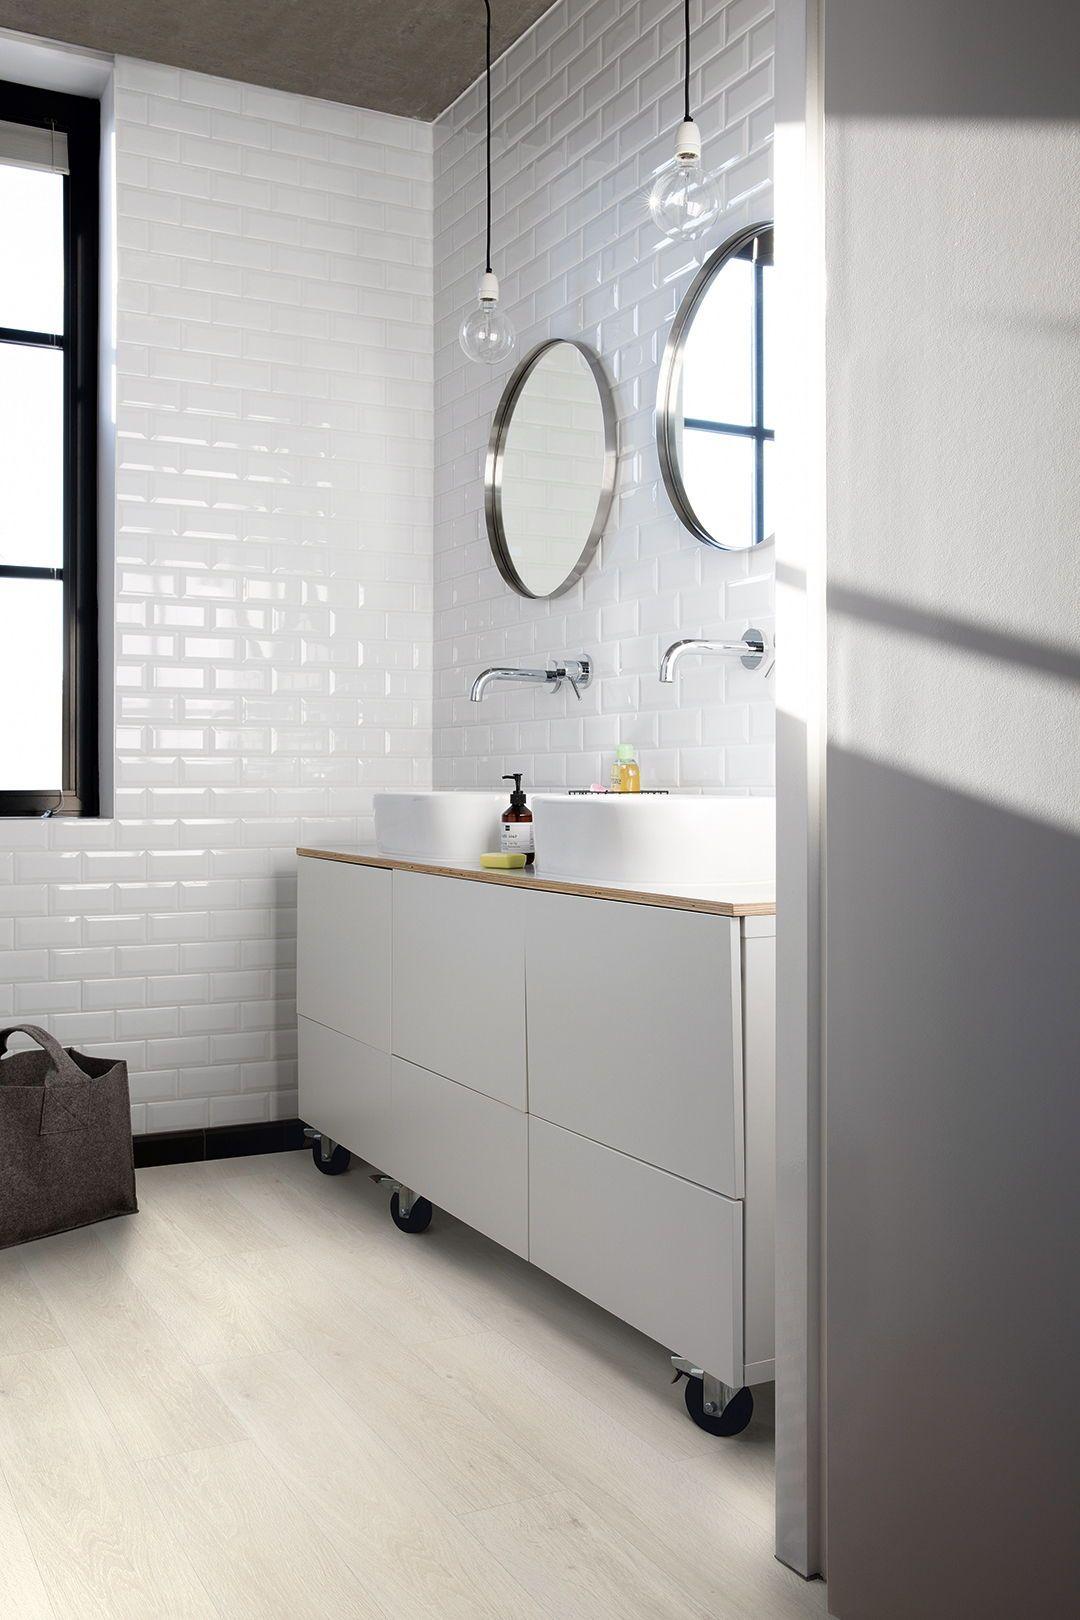 Choose The Perfect Bathroom Floor Quick Step Co Uk Waterproof Laminate Flooring Waterproof Bathroom Flooring Vinyl Flooring